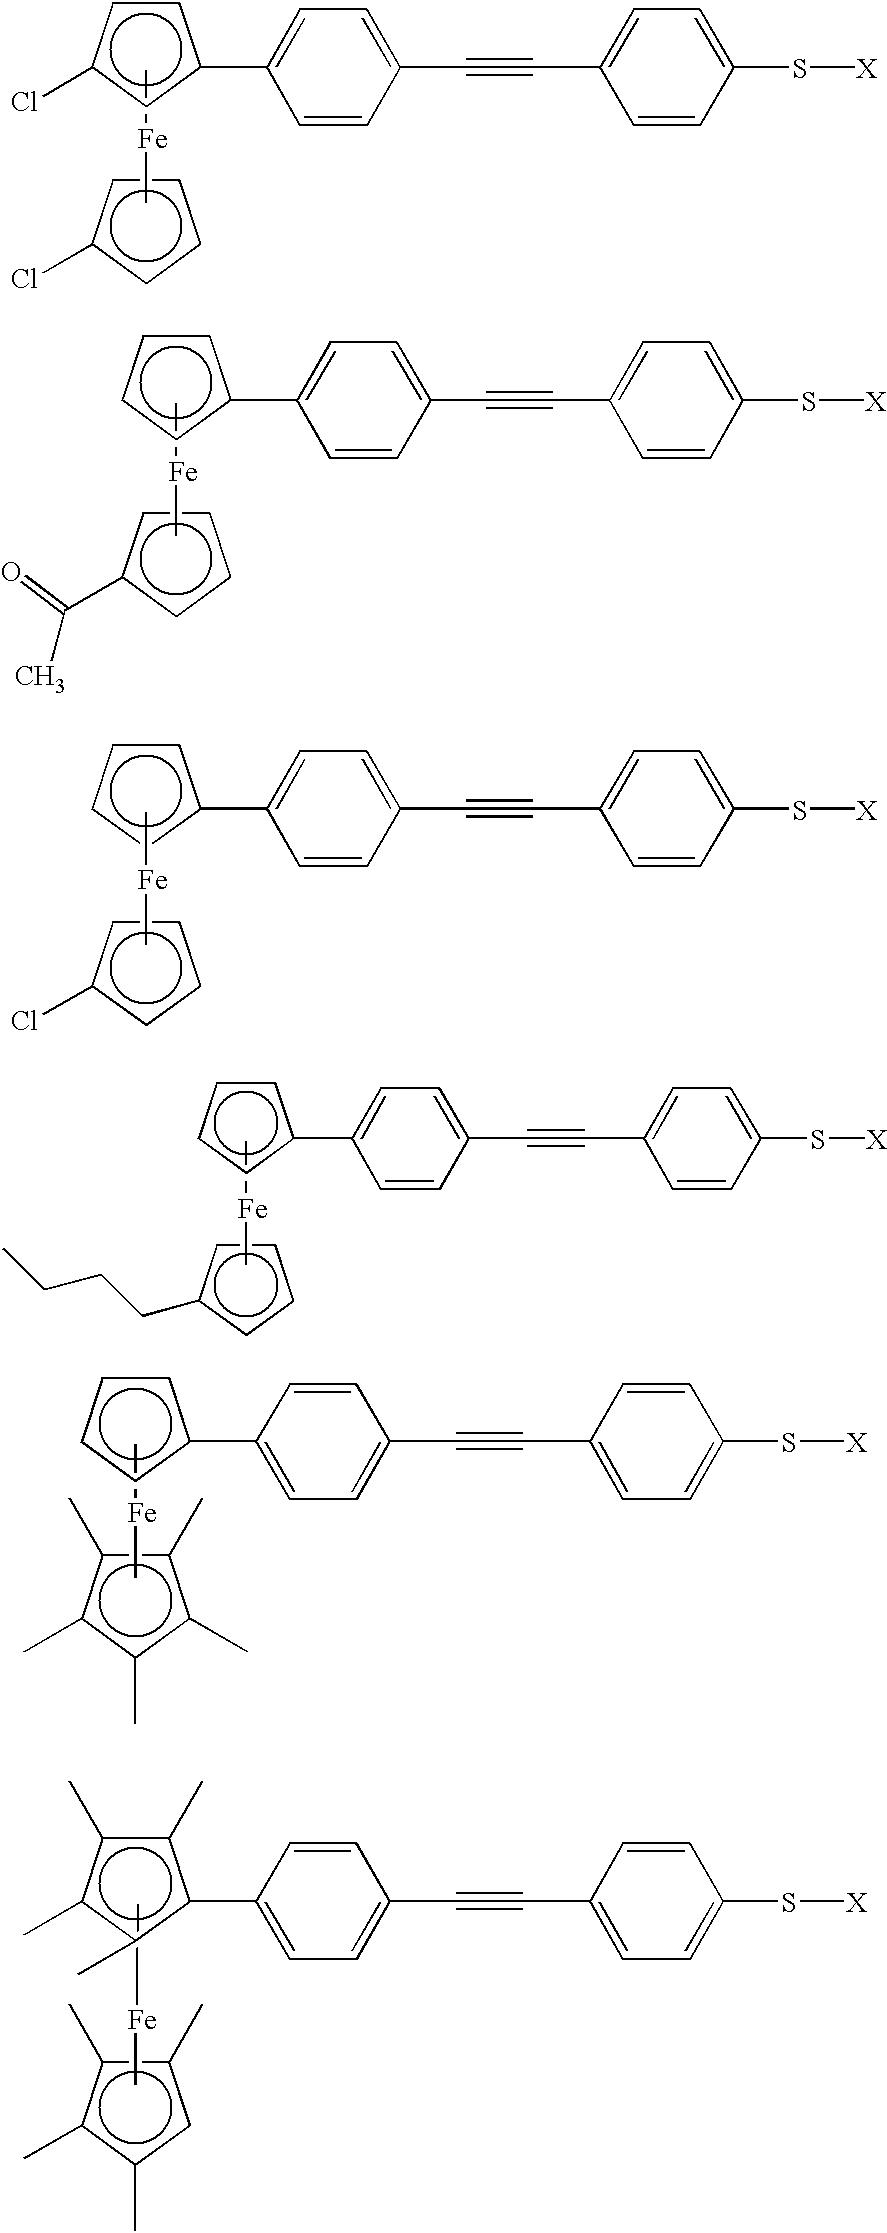 Figure US20030081463A1-20030501-C00002